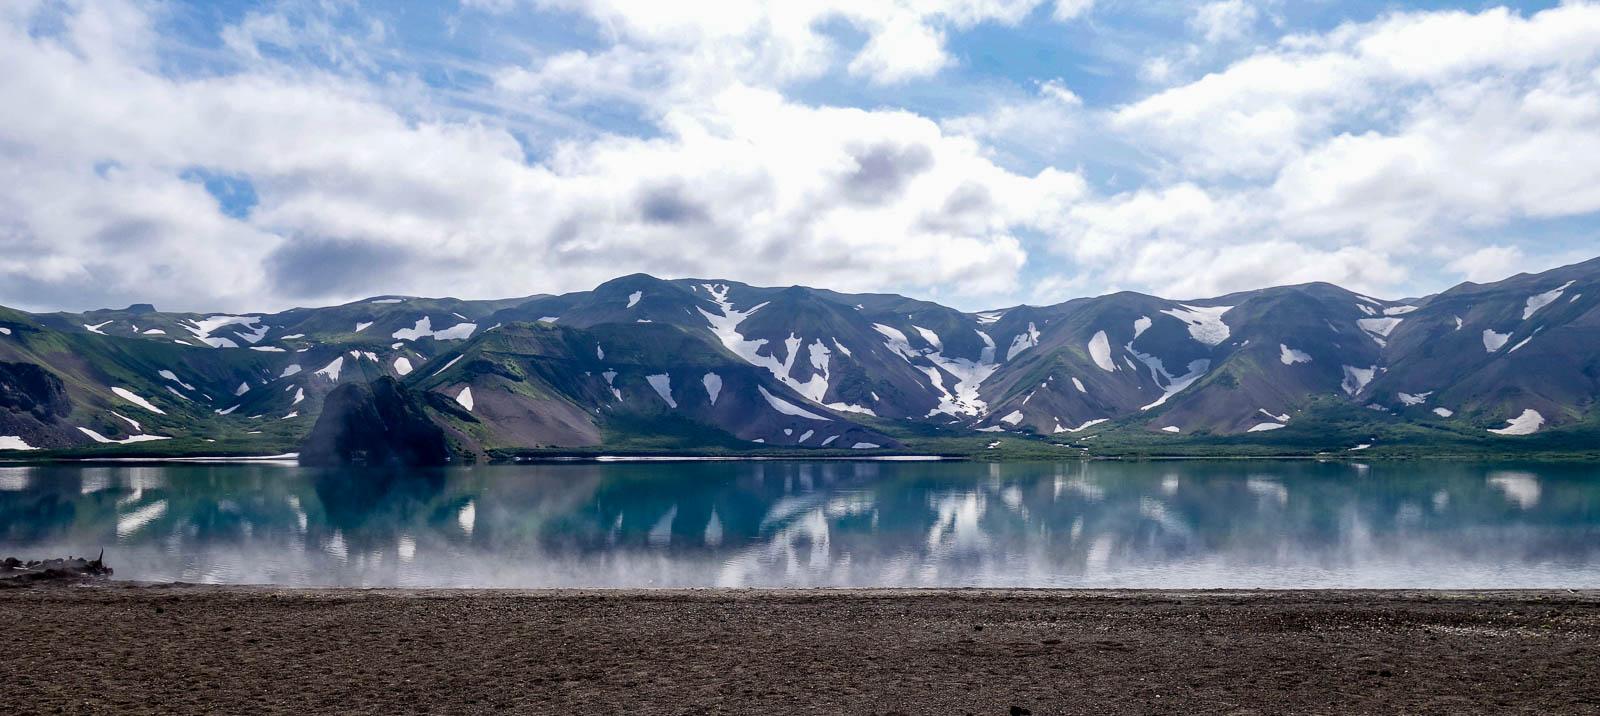 kamchatka-ksudach-volcano-6